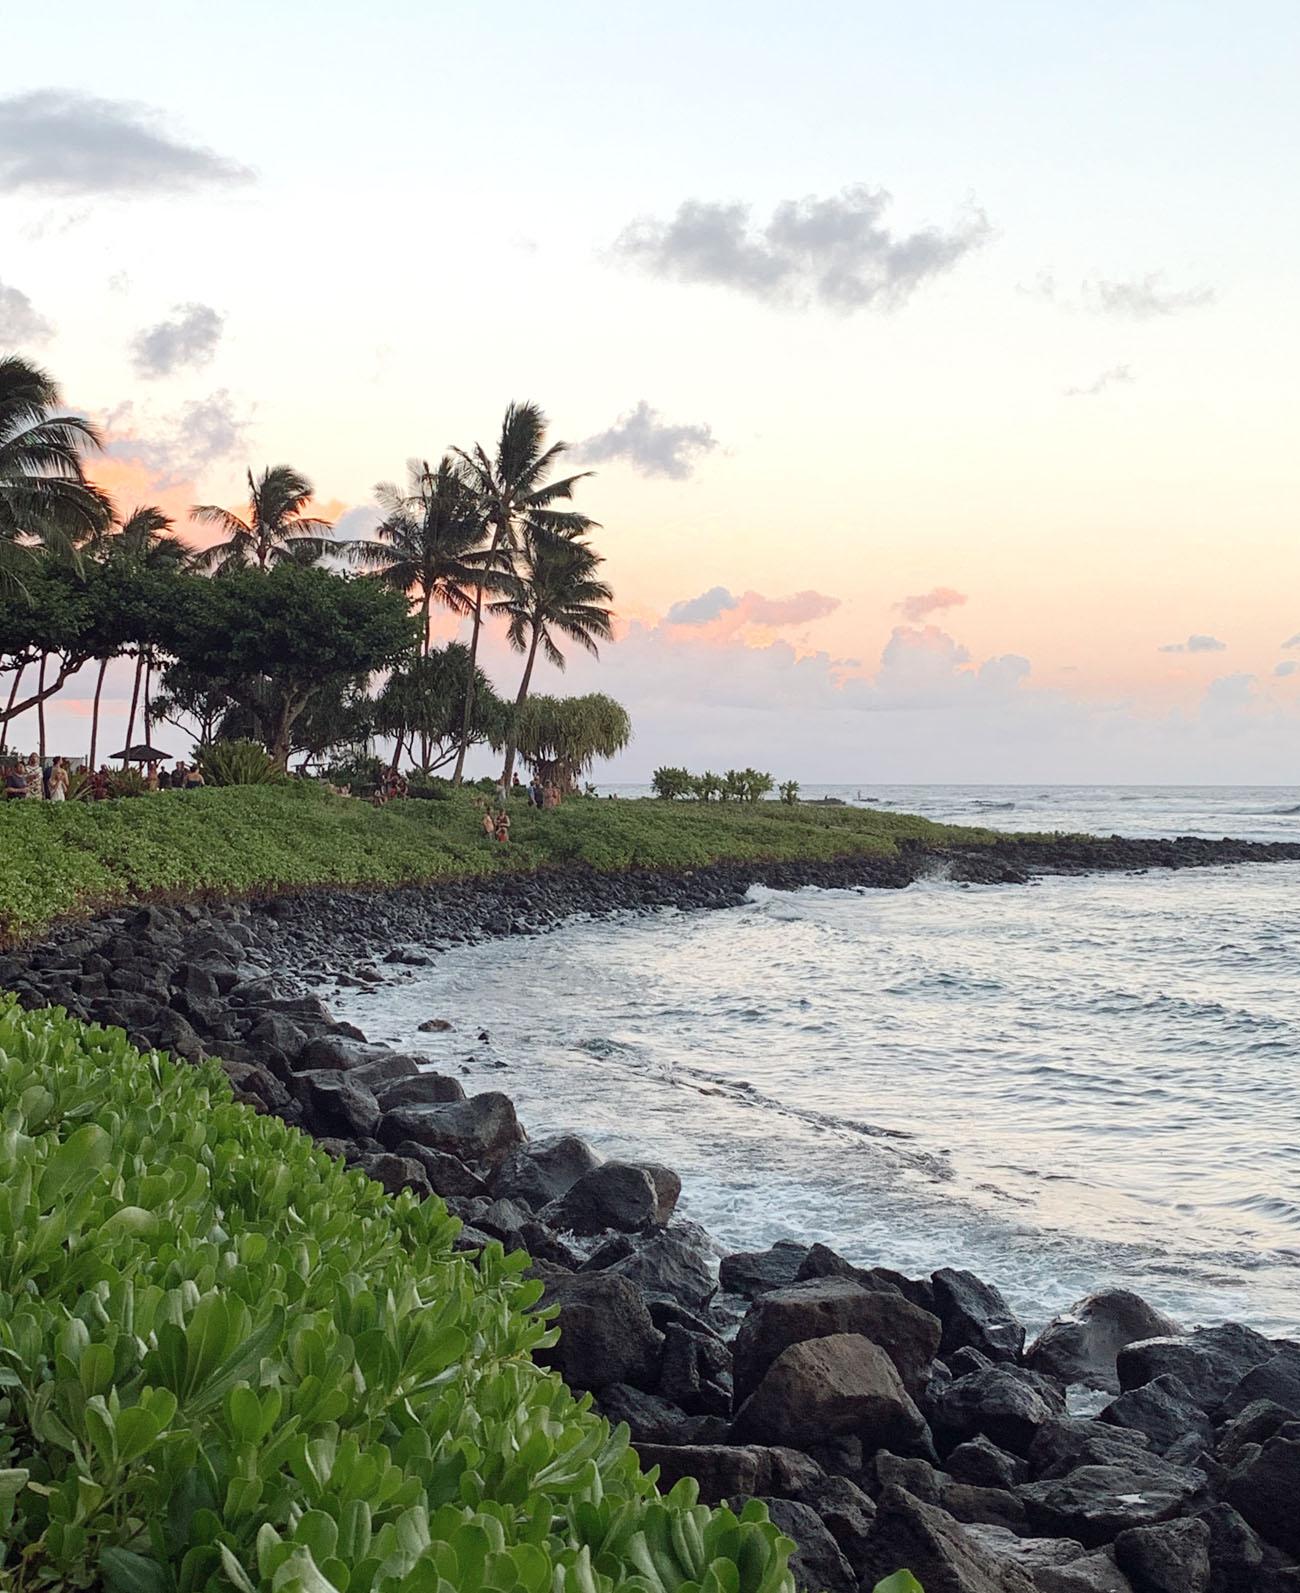 The beach by the Ko'a Kea Hotel in Kauai